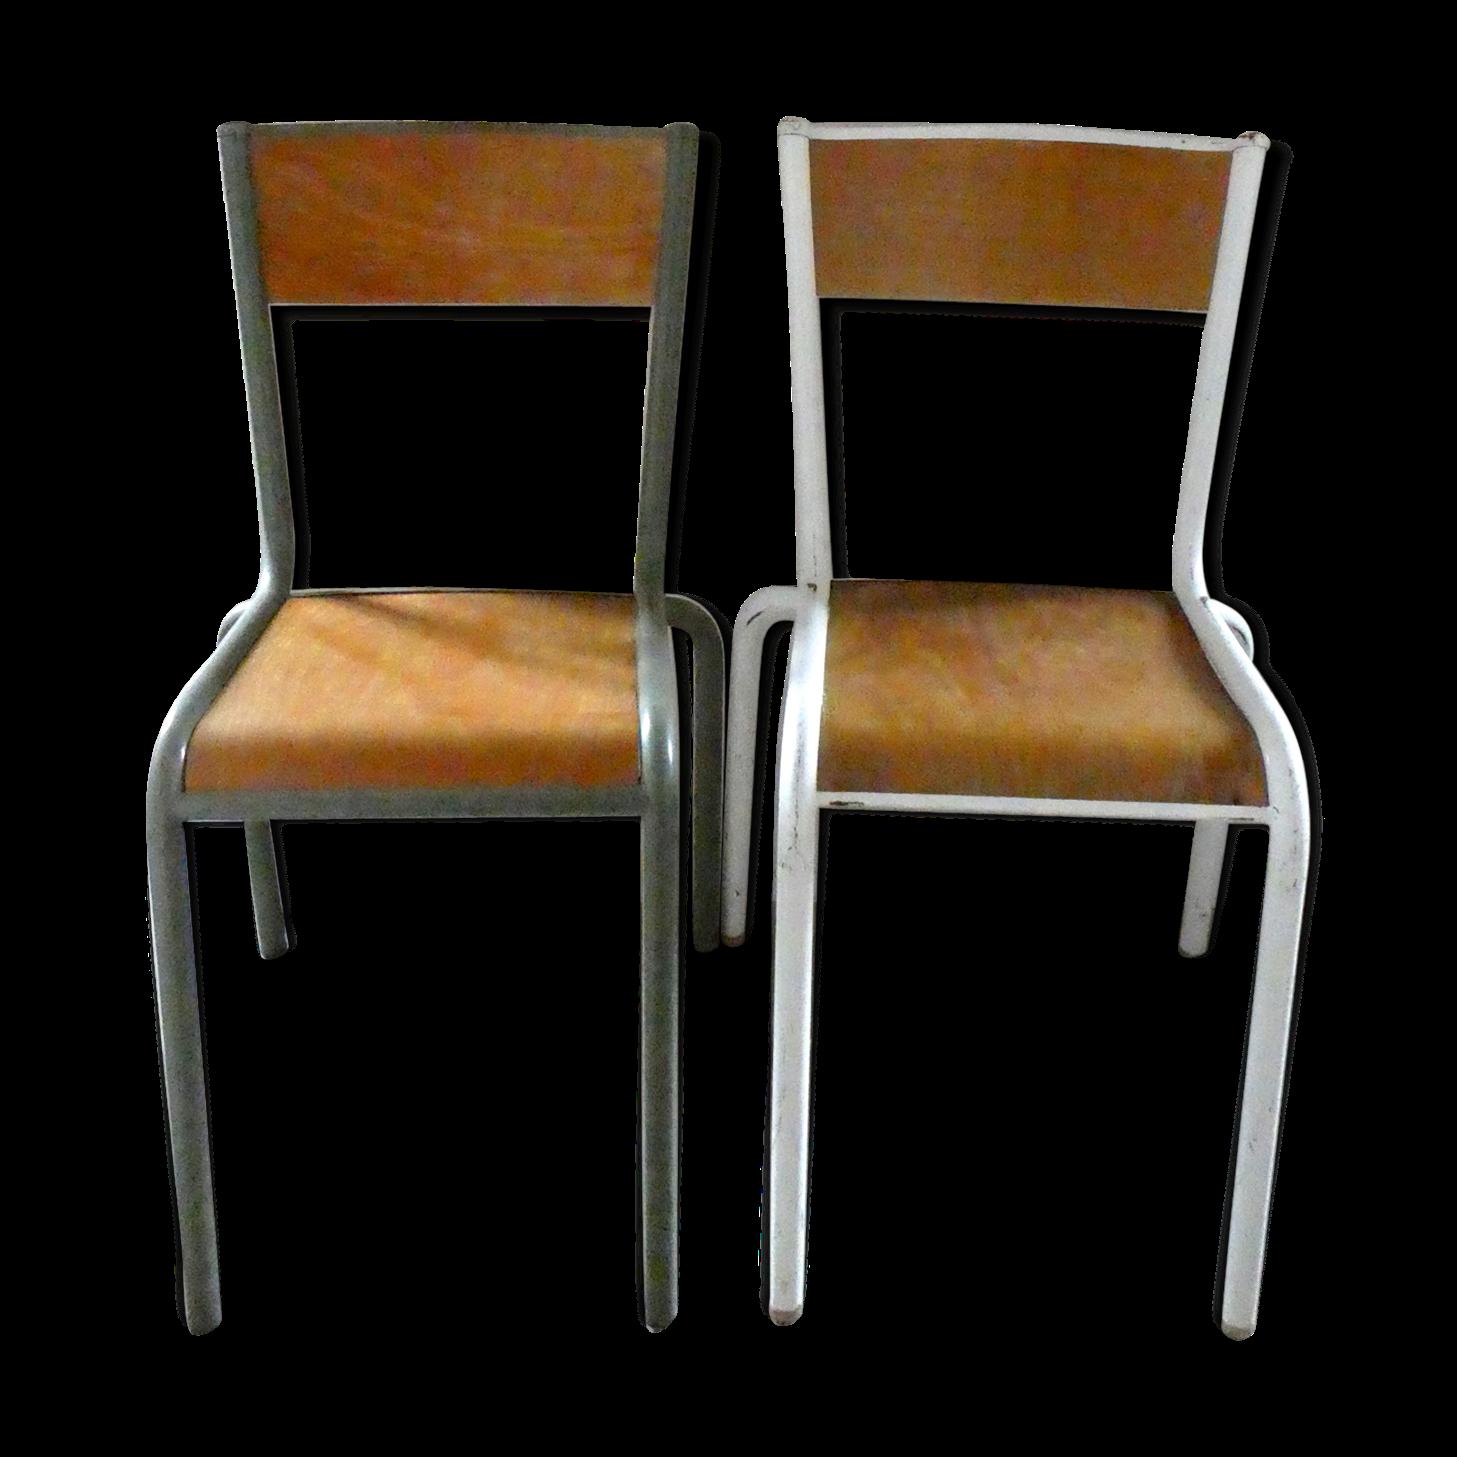 Chaise D École Mullca paire de chaises d'école mullca 510, en bois et métal | bois